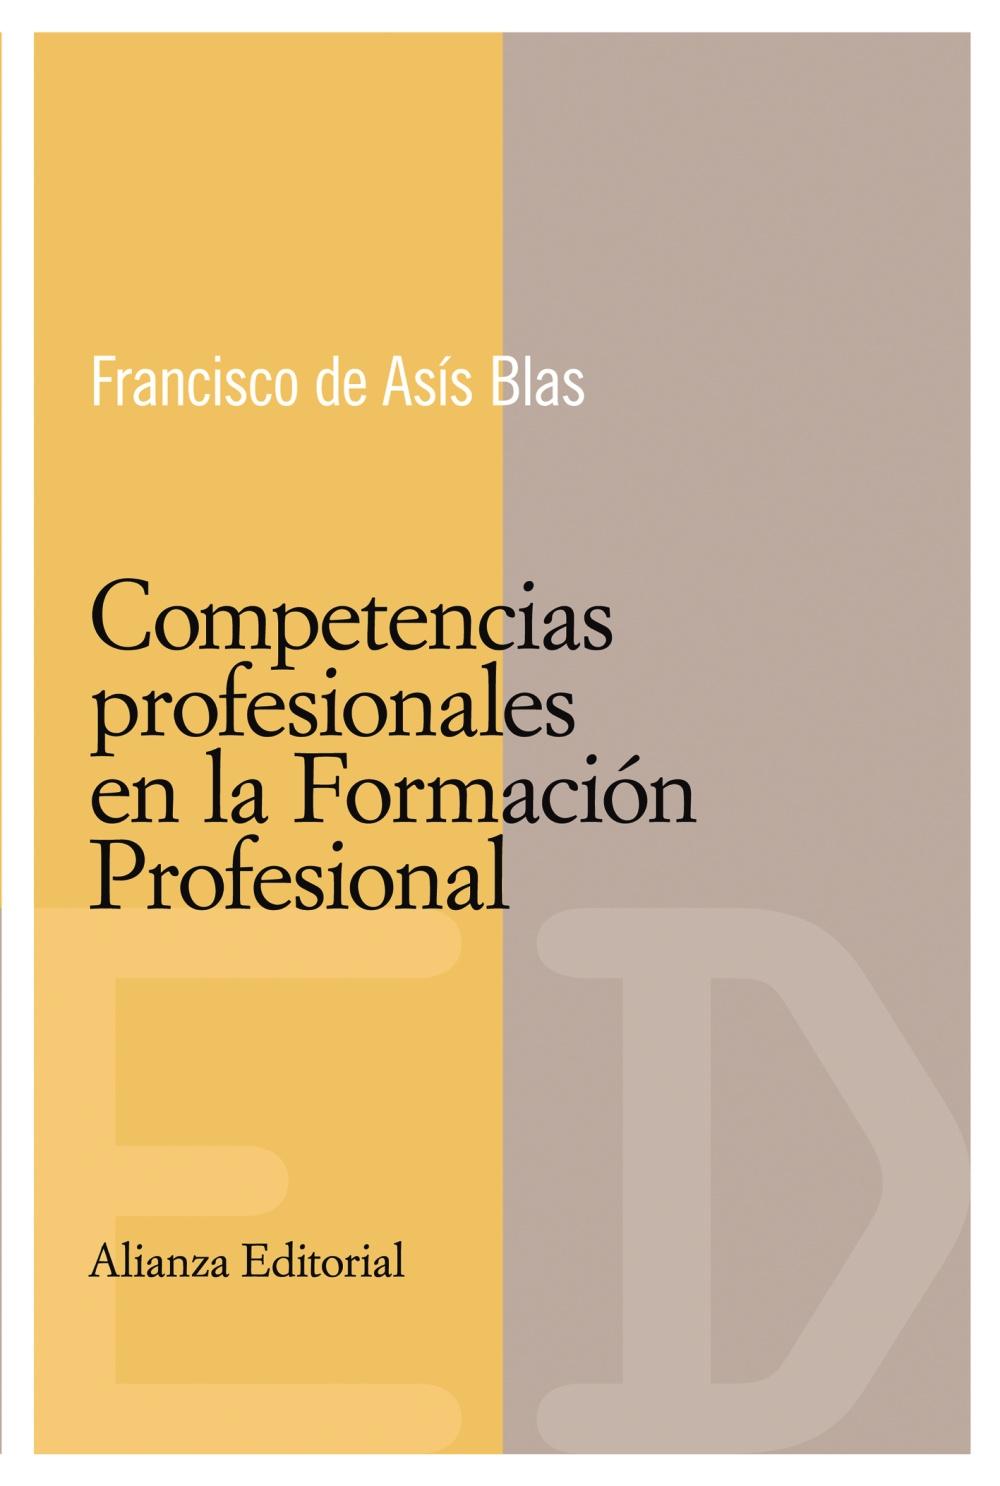 Competencias Profesionales En La Formacion Profesional - Blas Francisco De Asis